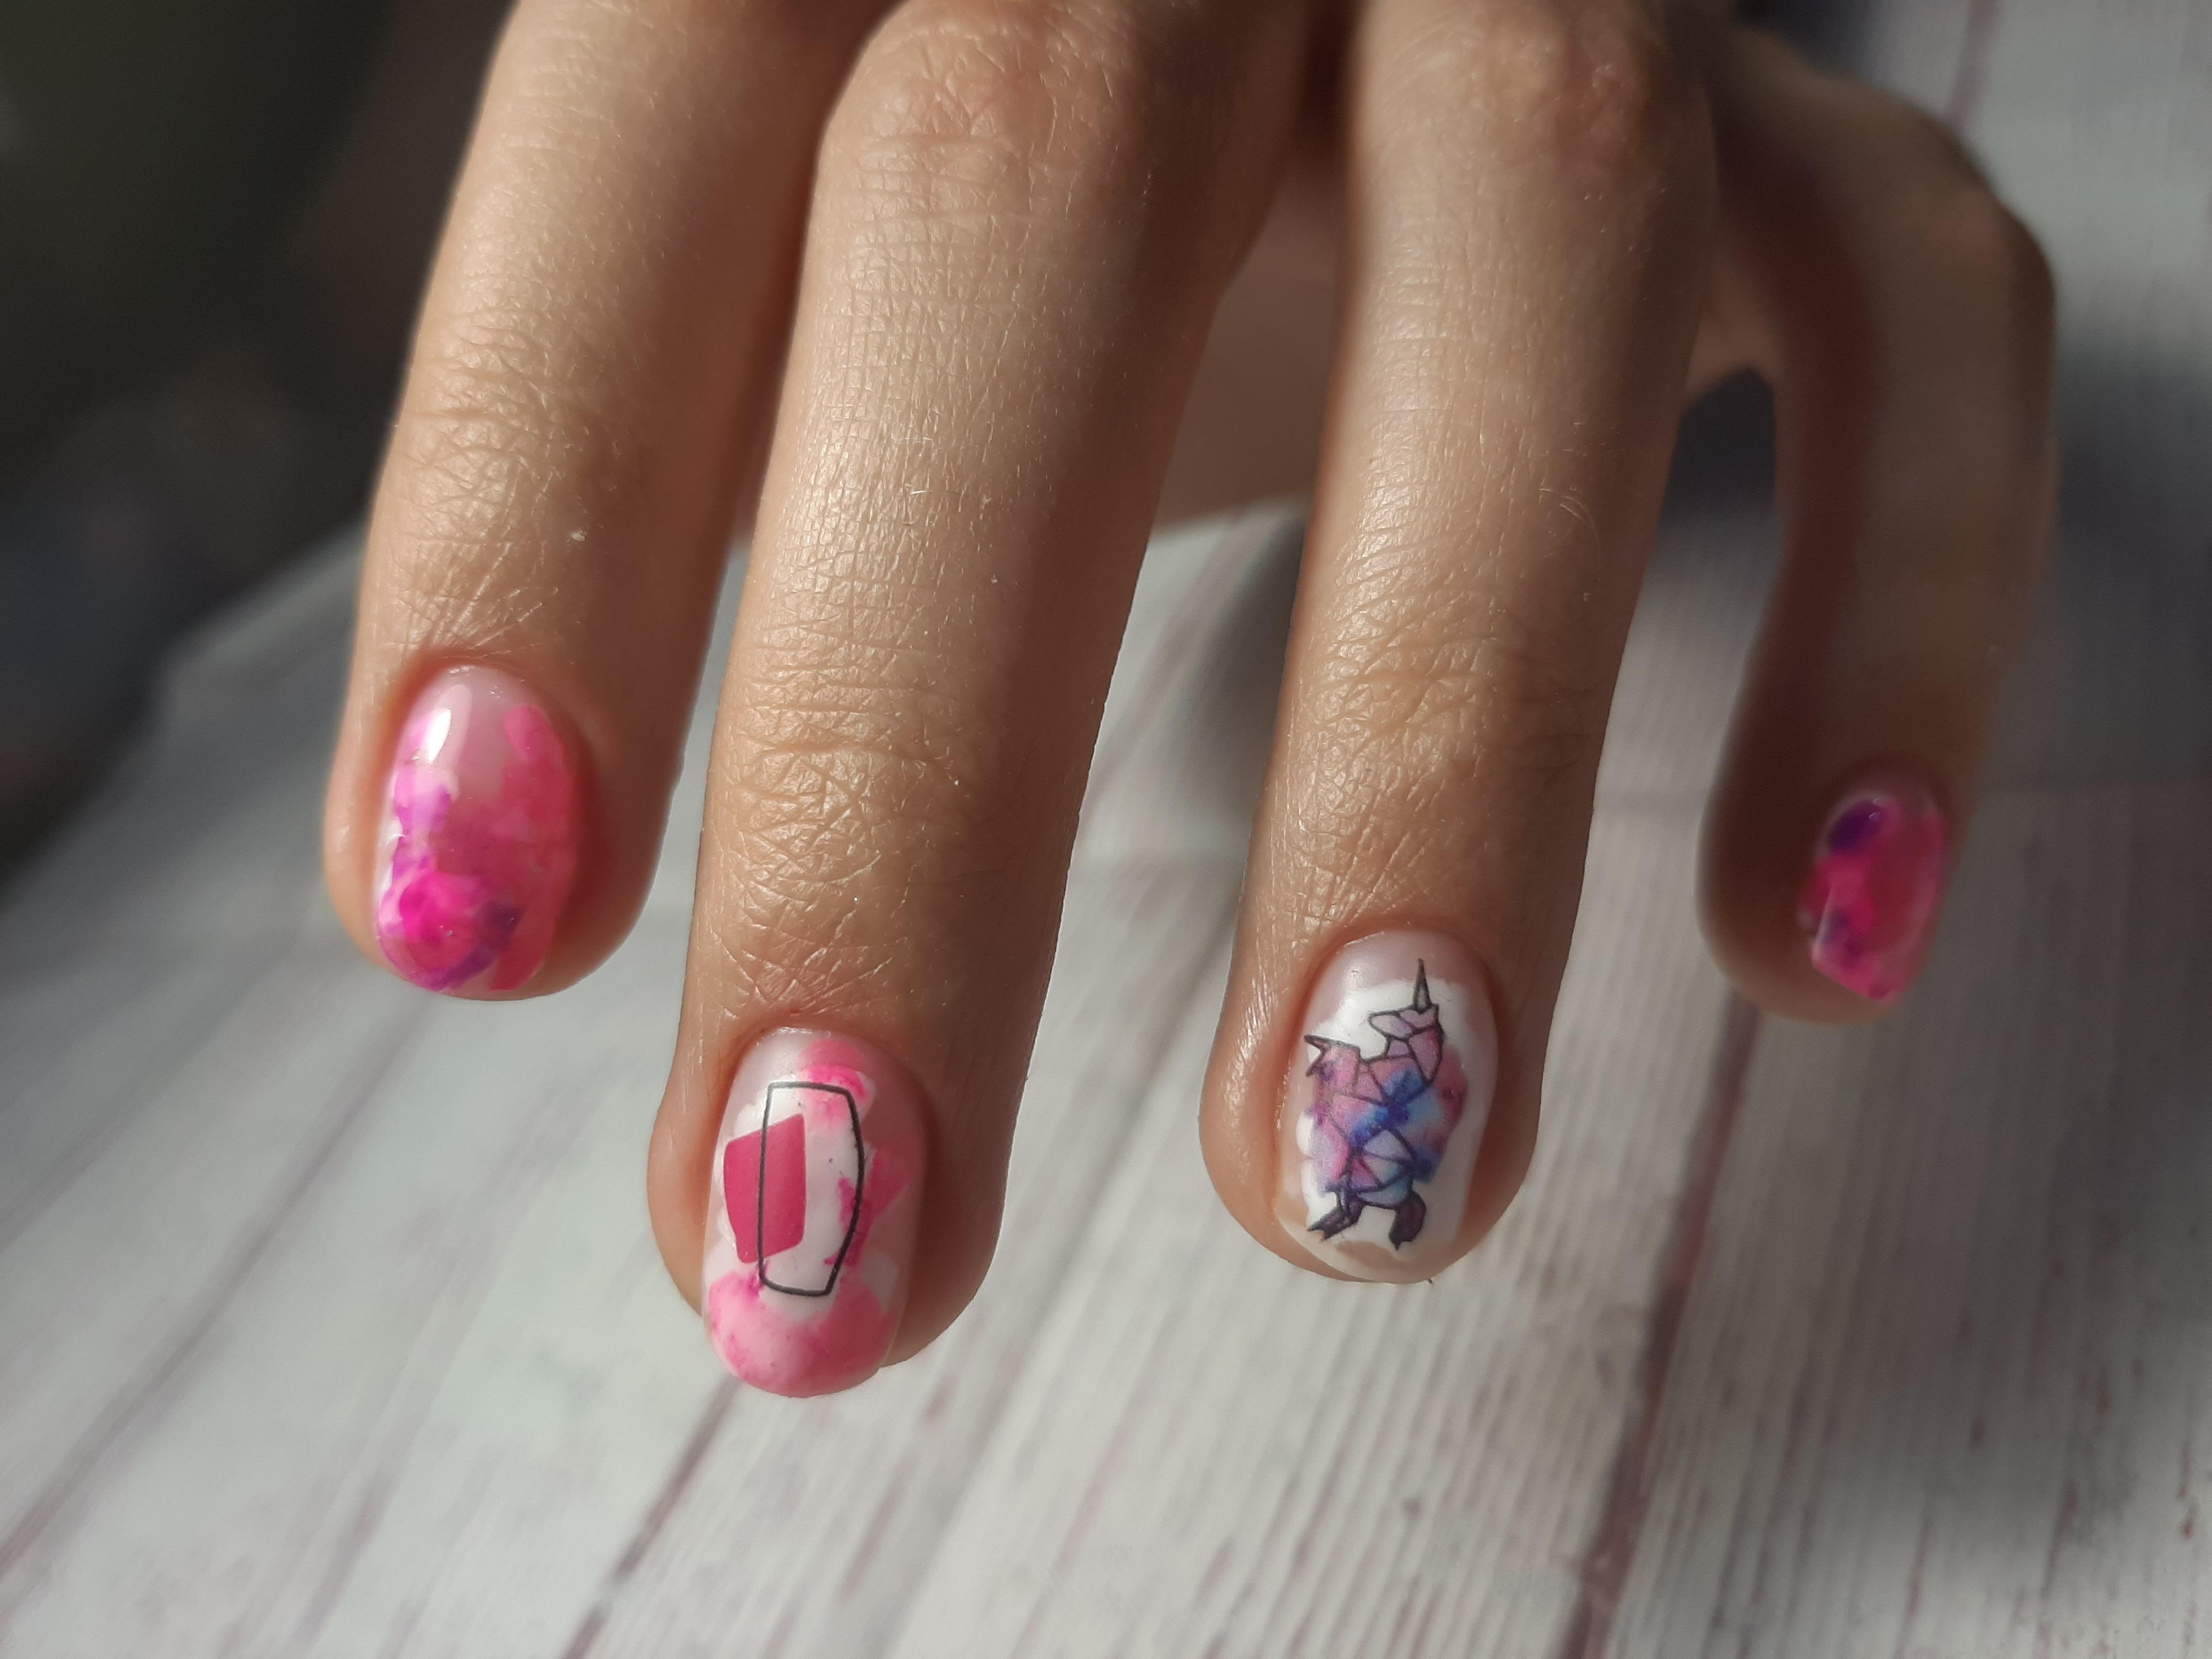 Маникюр с абстрактным рисунком и слайдерами на короткие ногти.